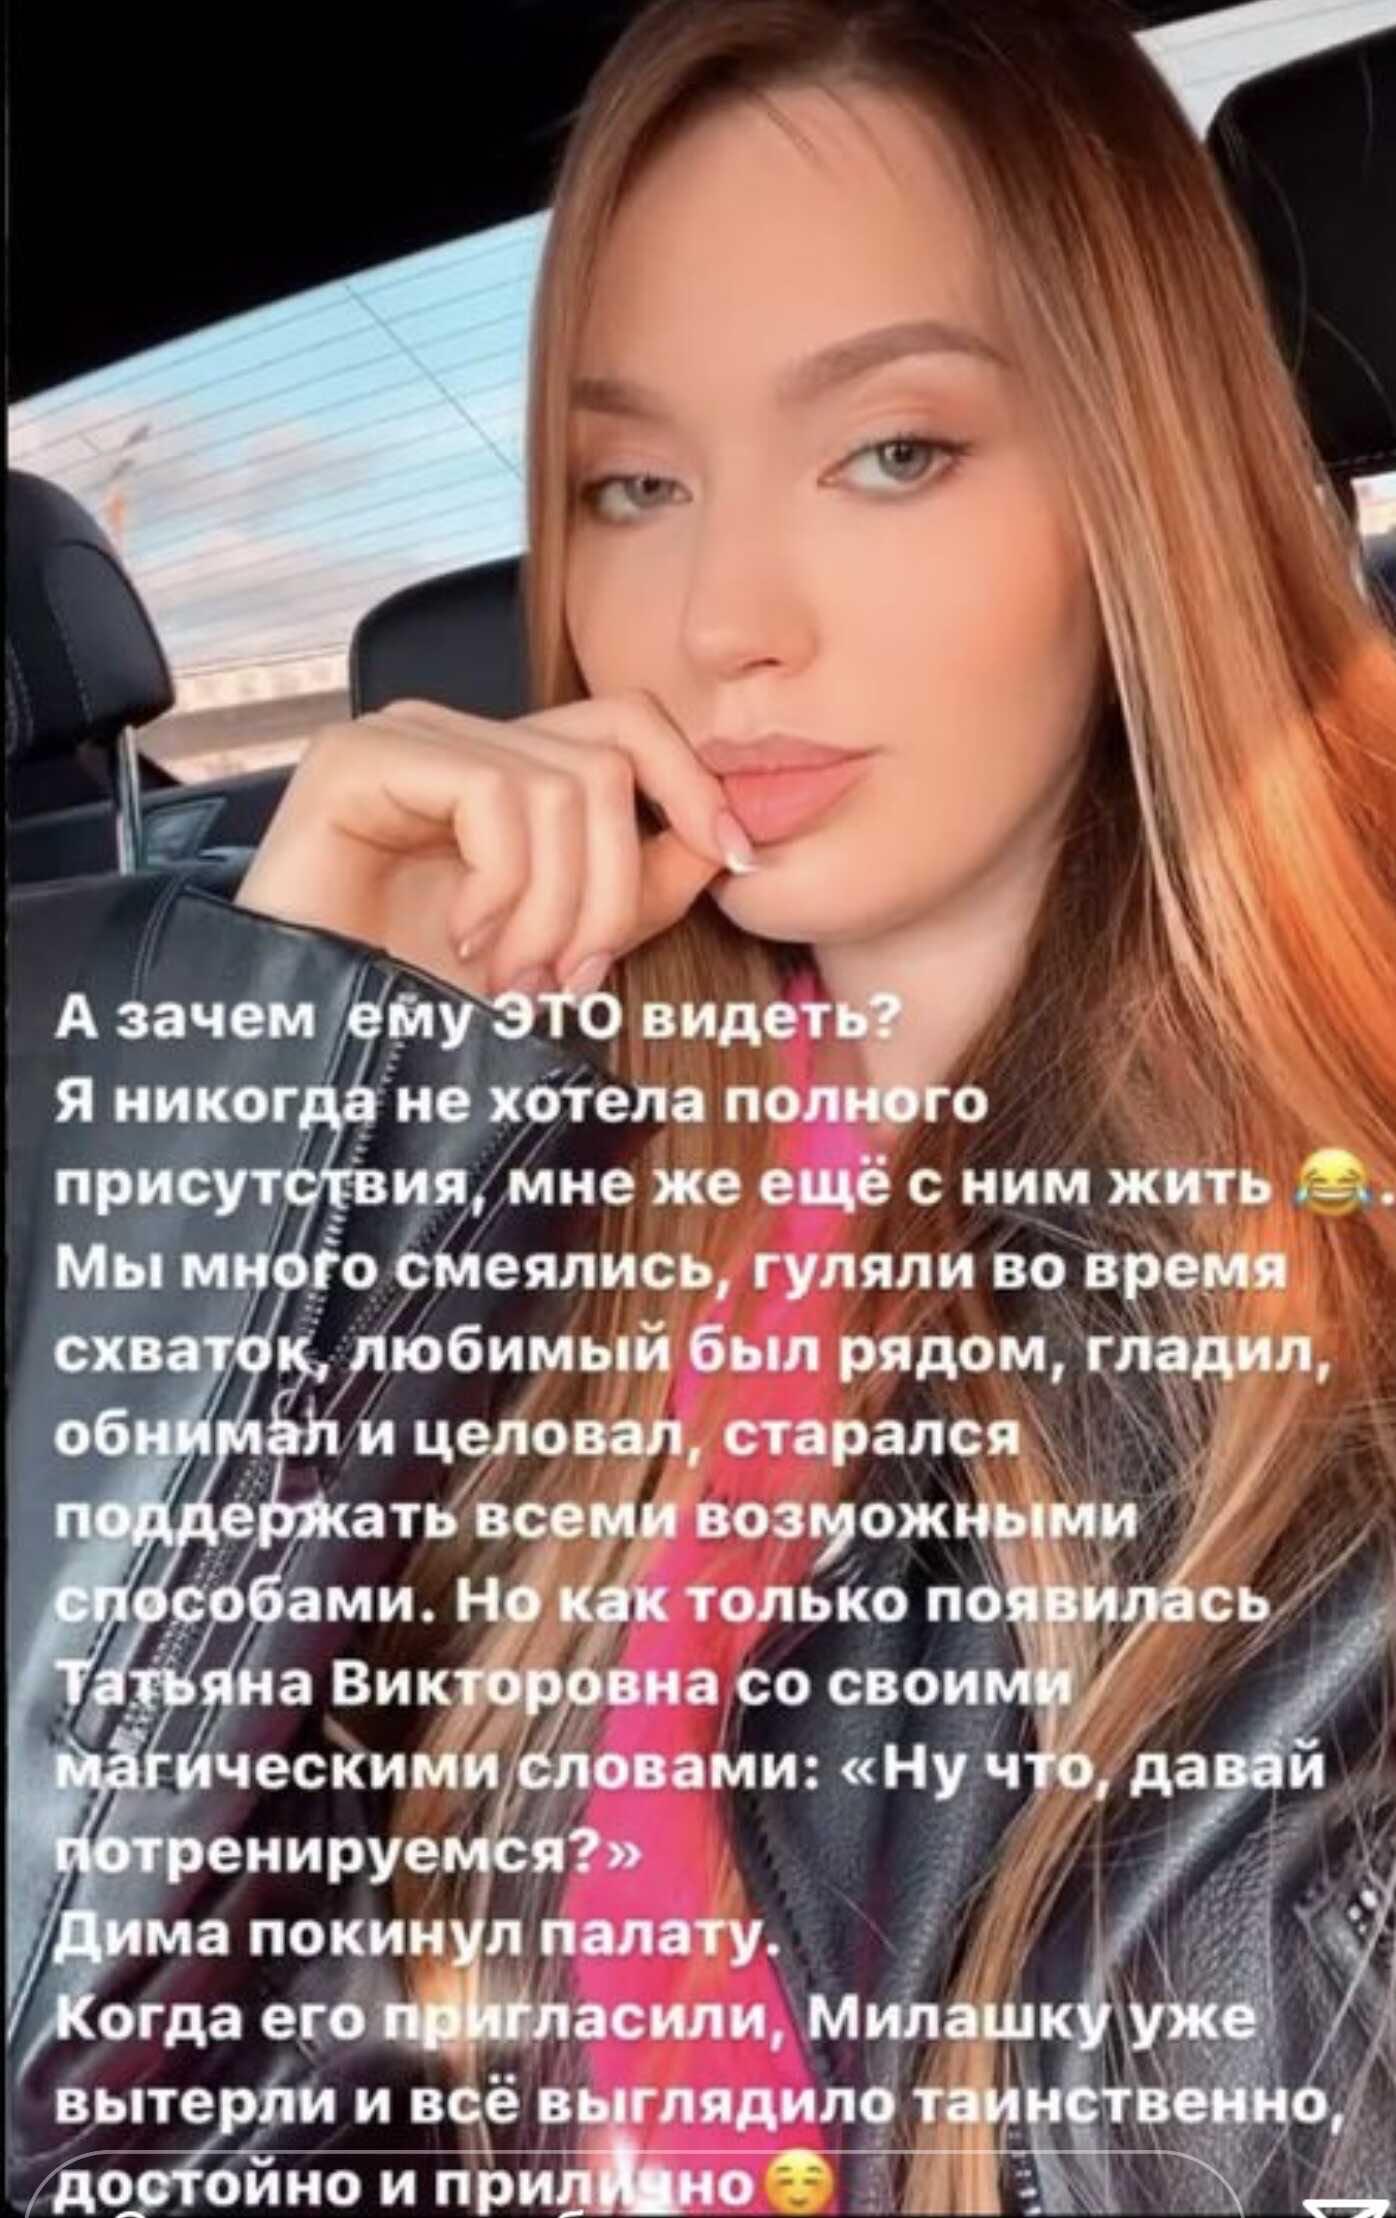 Дмитрий Тарасов выложил в сеть фото мочи Анастасии Костенко